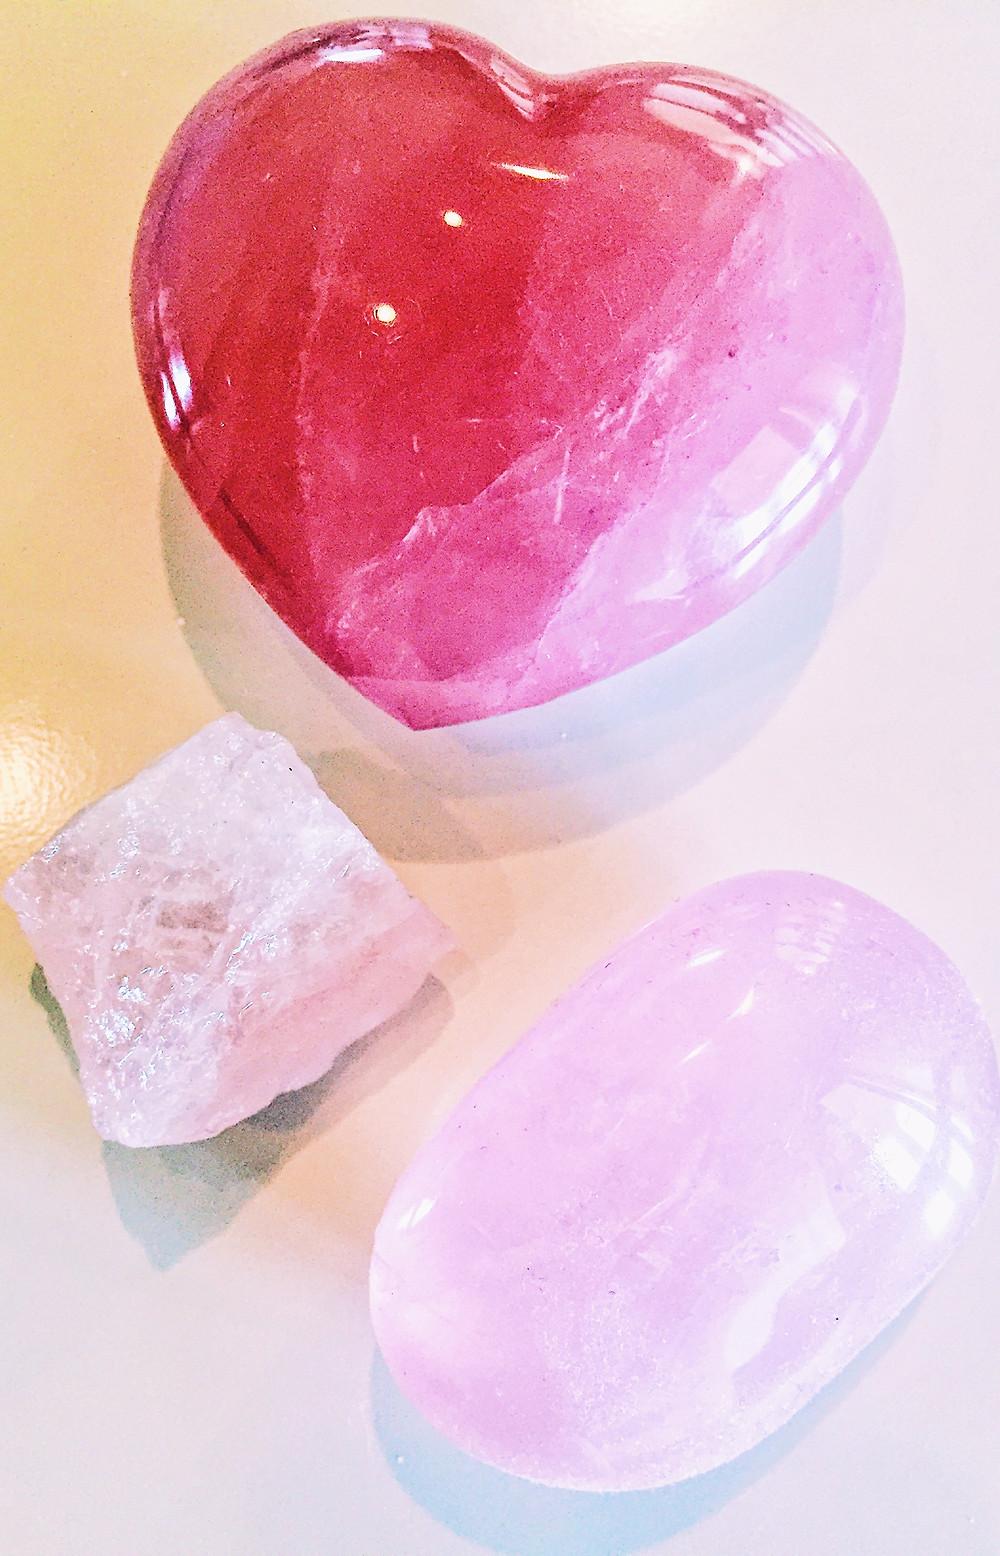 Three forms of rose quartz